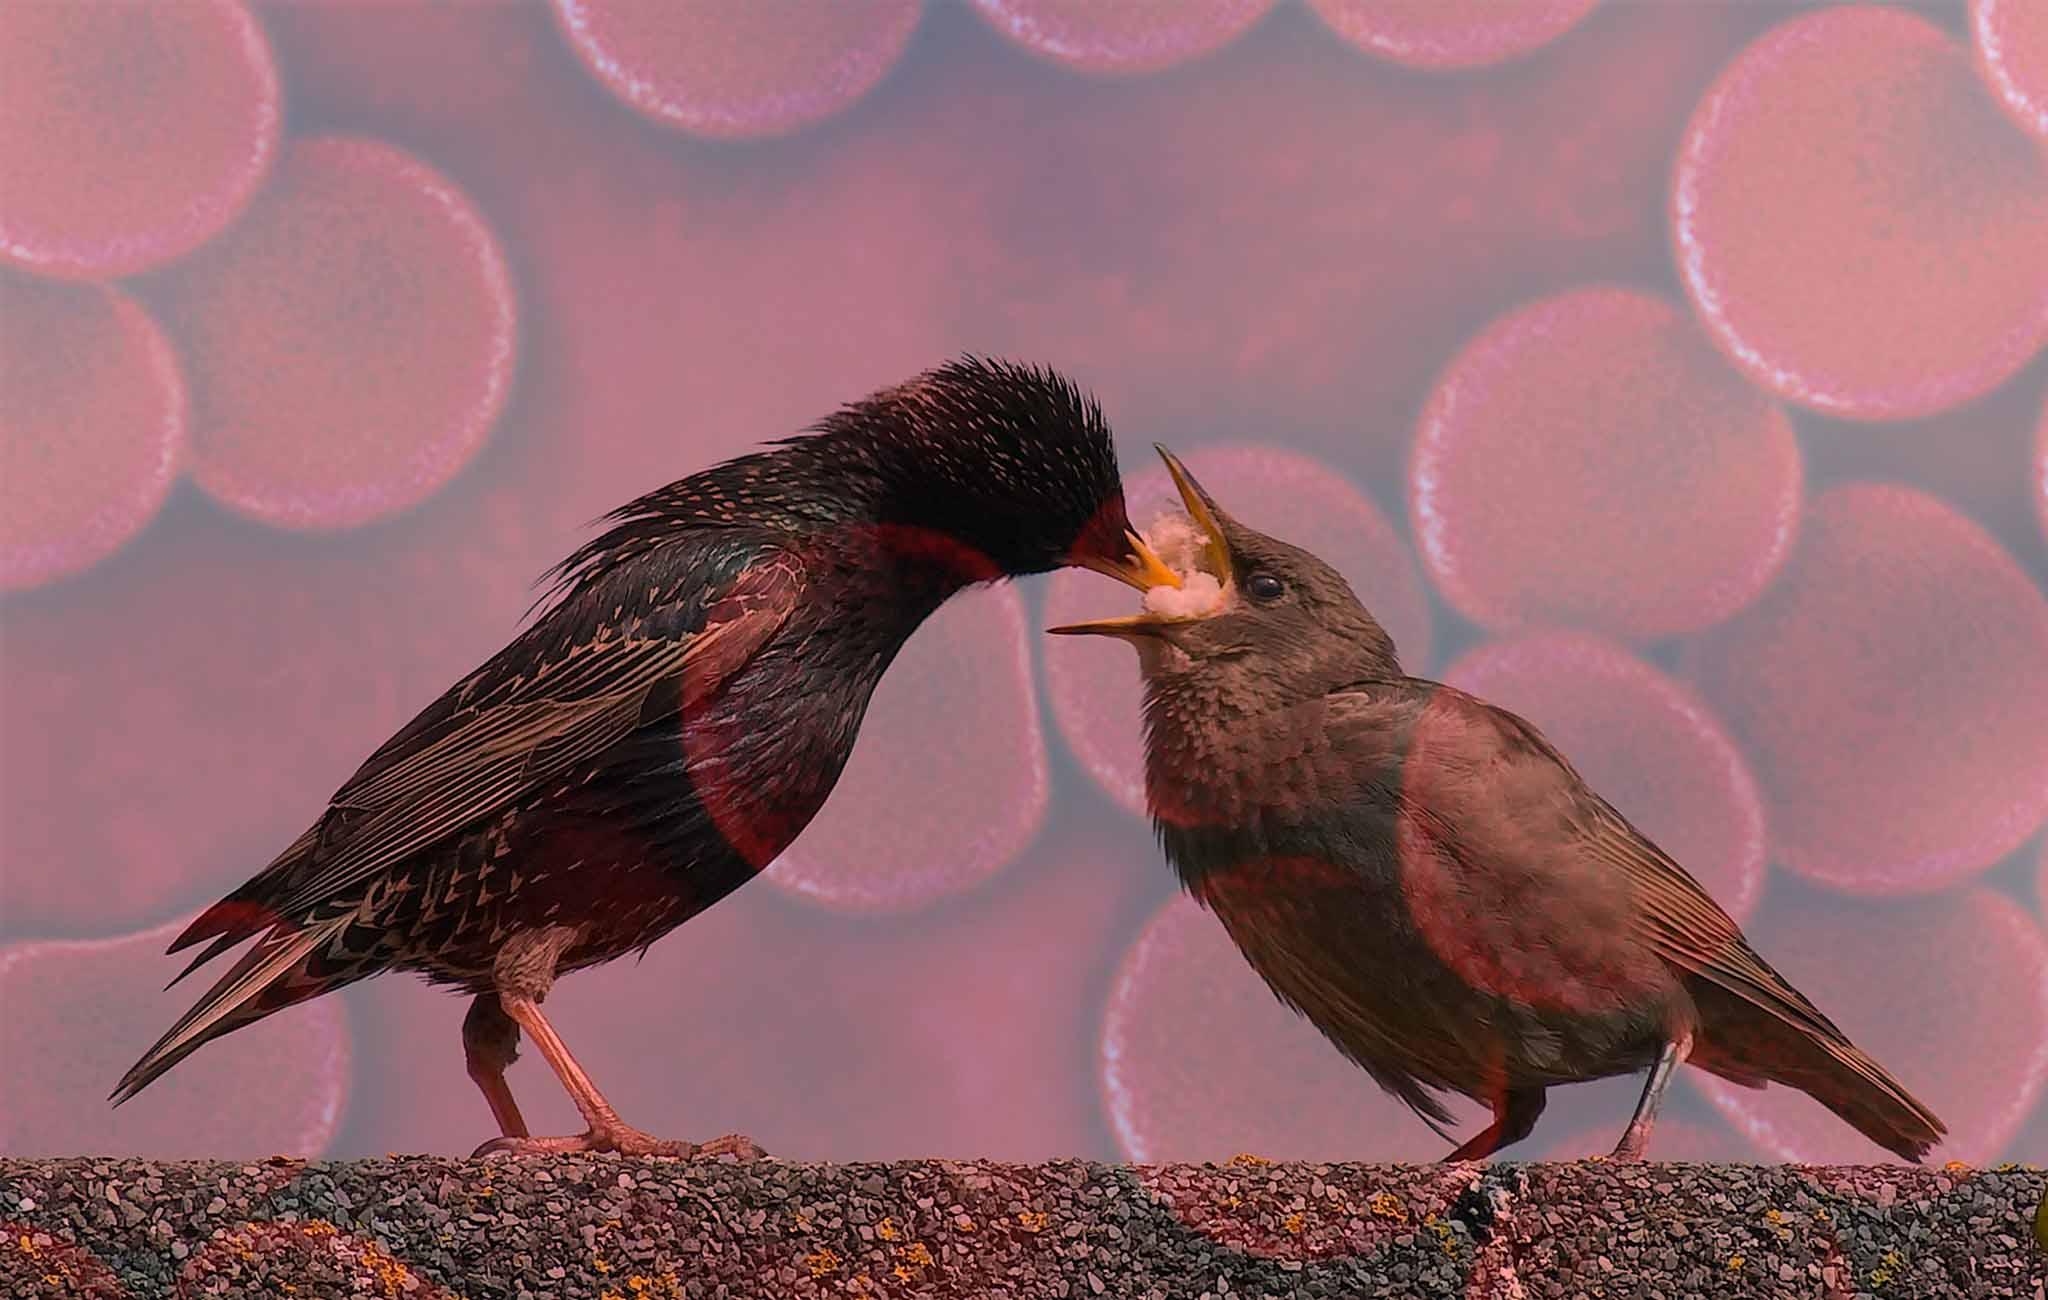 Starling_Feeding_Offspring.jpg